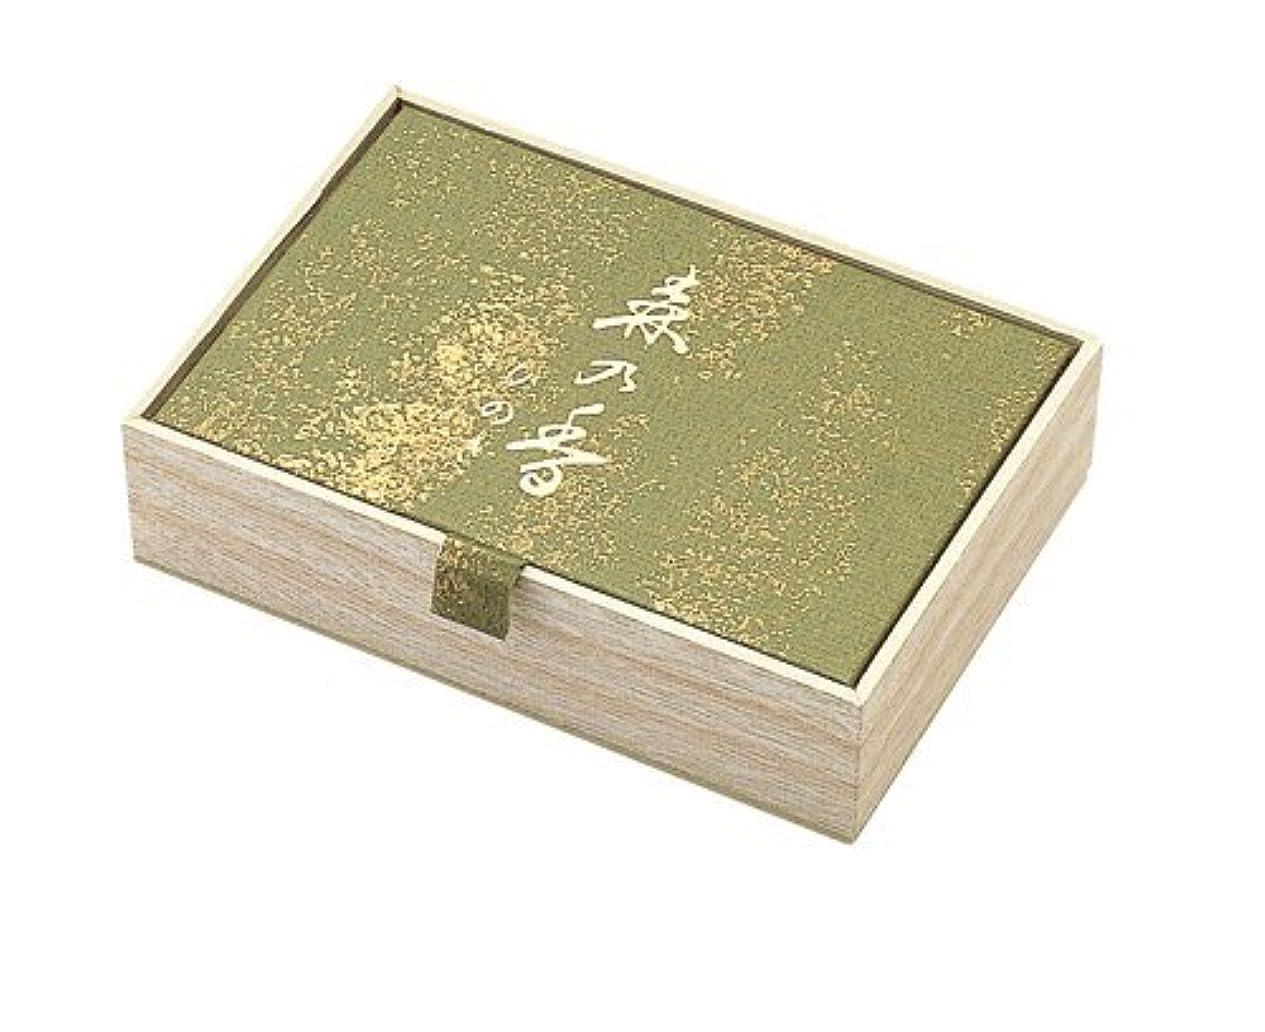 乱暴な資本陸軍香木の香りのお香 森の香 ひのき スティック150本入